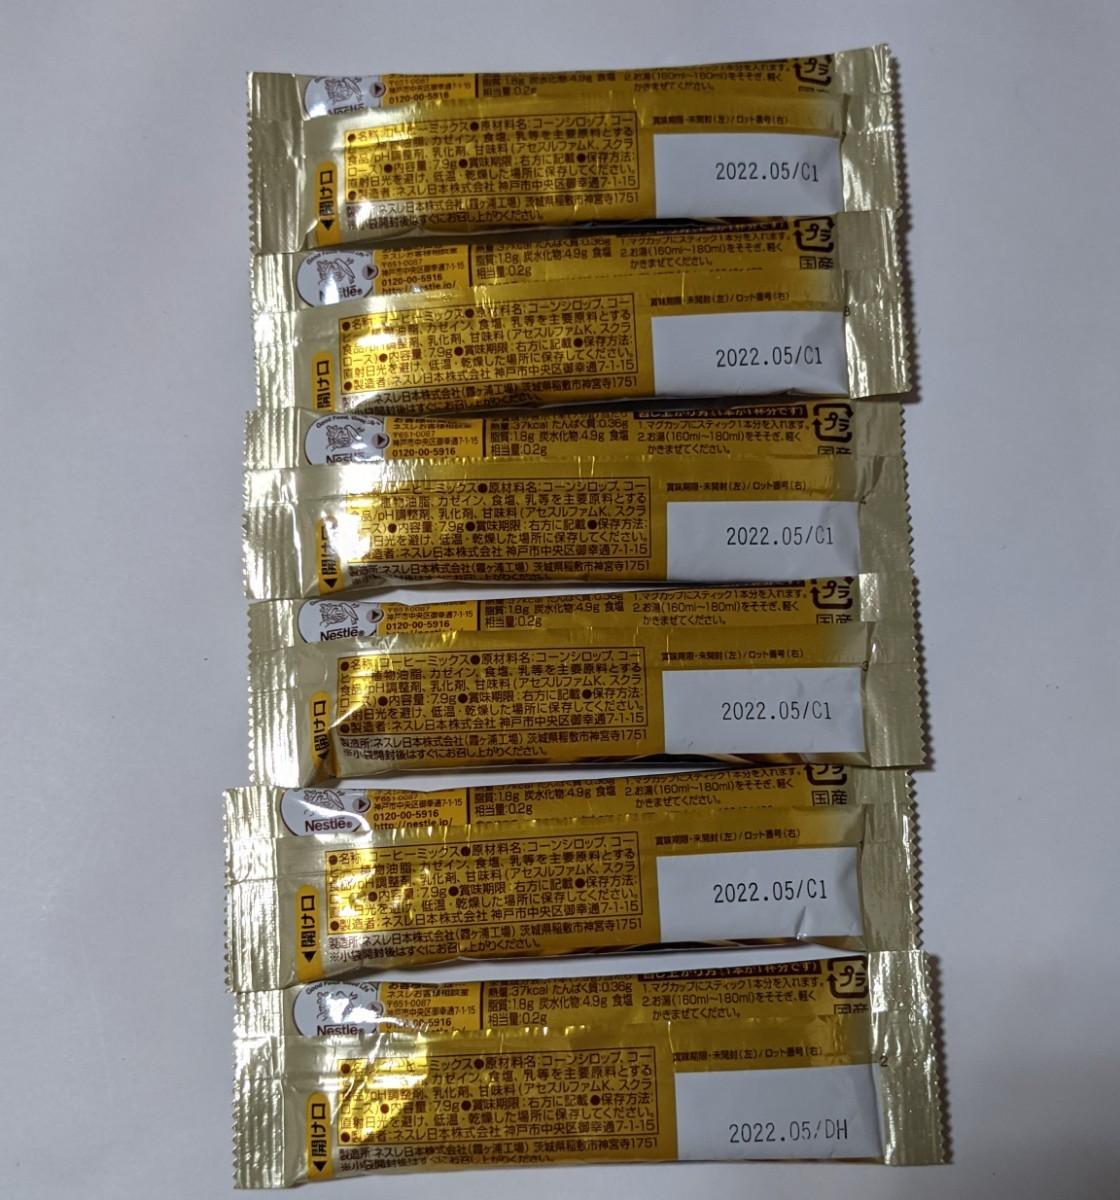 スタバカフェラテ4本、 ネスカフェゴールドブレンドミックスタイプ6本、Blendy濃厚ミルクカフェラテ8本